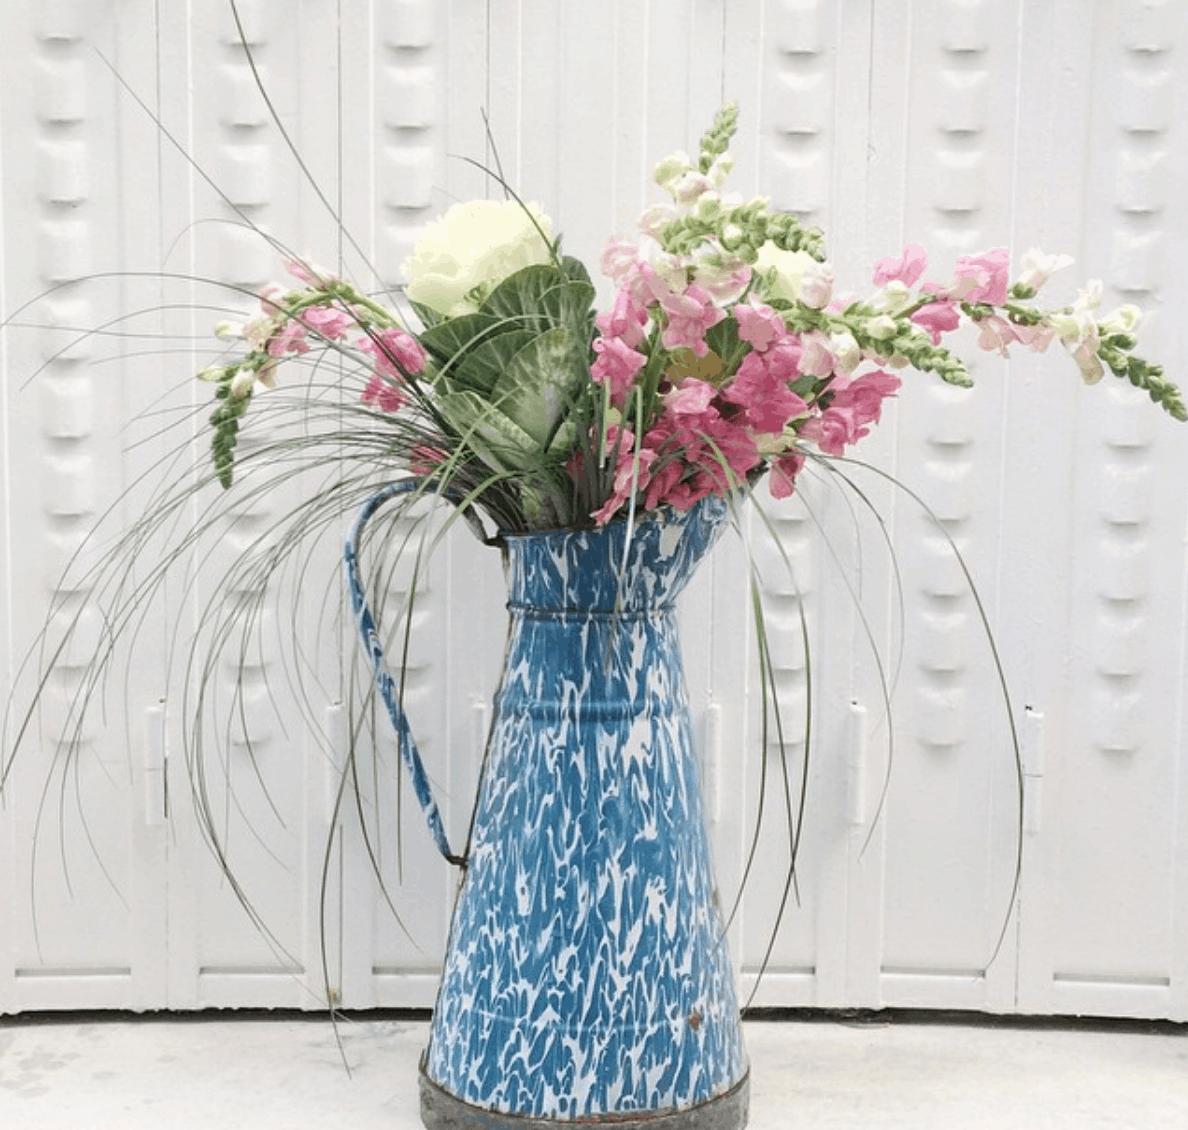 enamelware water jug